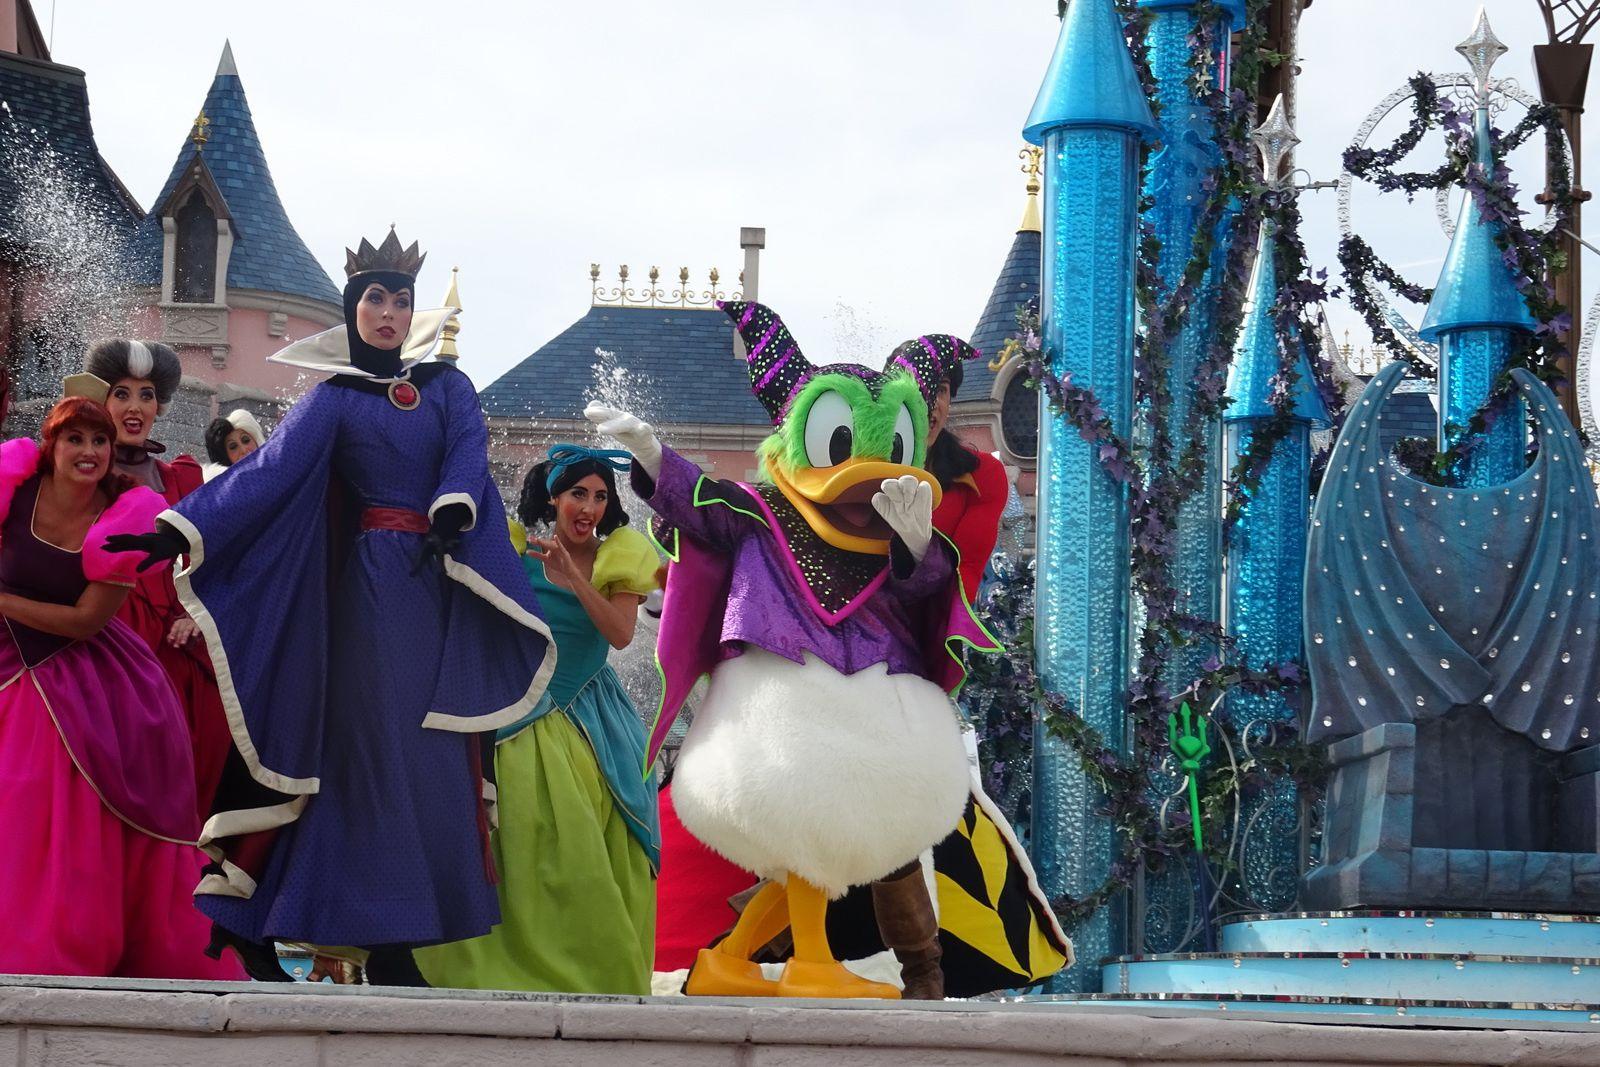 Le Festival Halloween à Disneyland Paris 2018